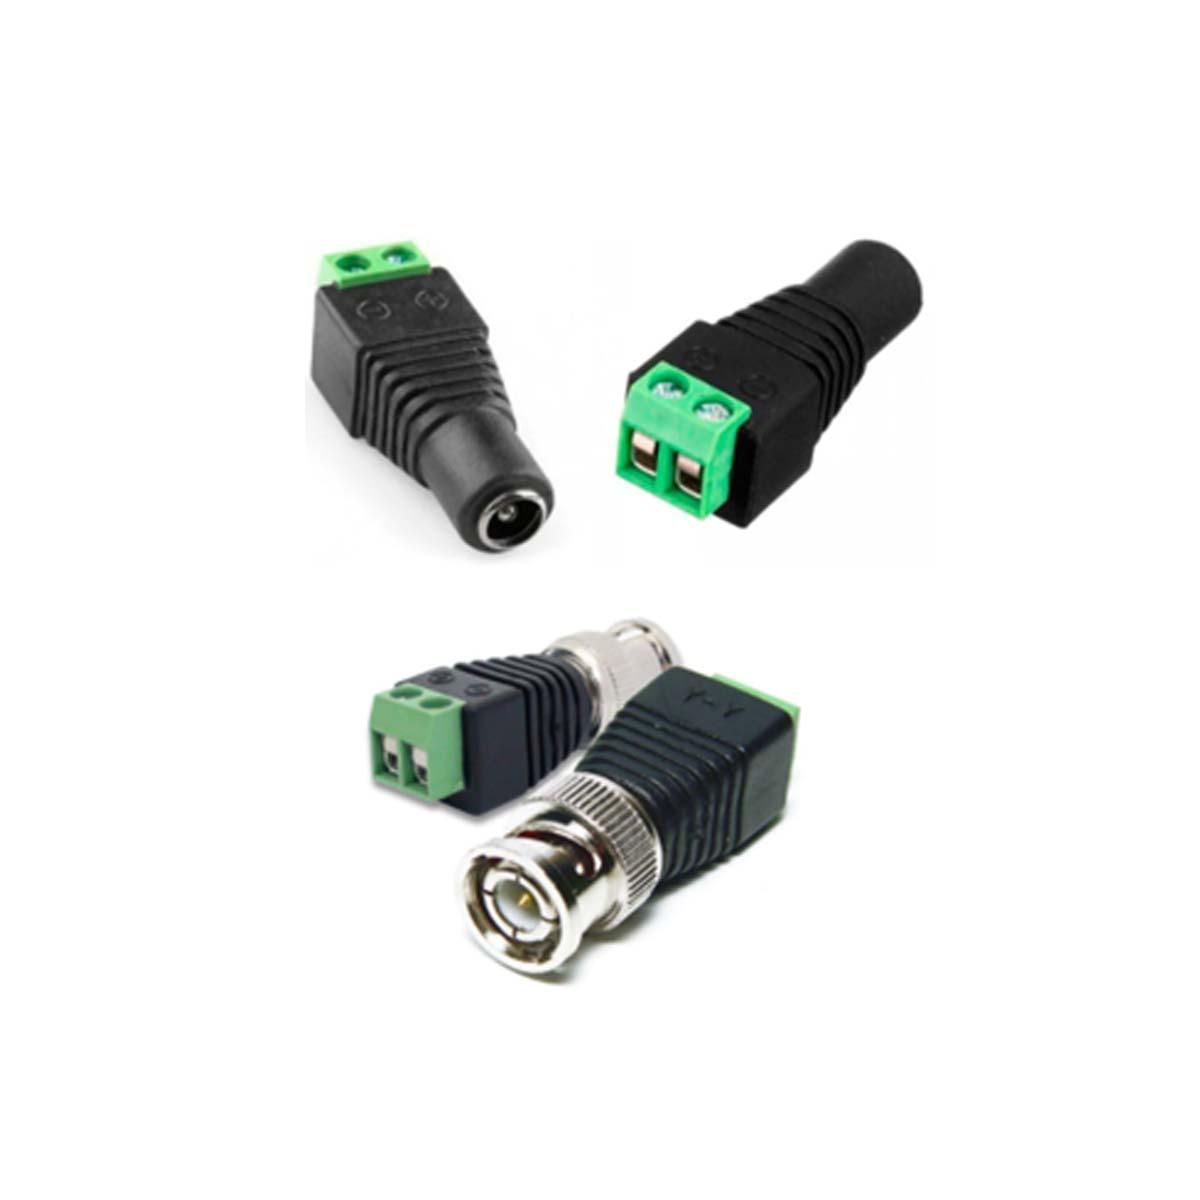 Kit CFTV 12 Câmeras VHD 1120 B G6 + MHDX 1116 HD 2TB + Itens